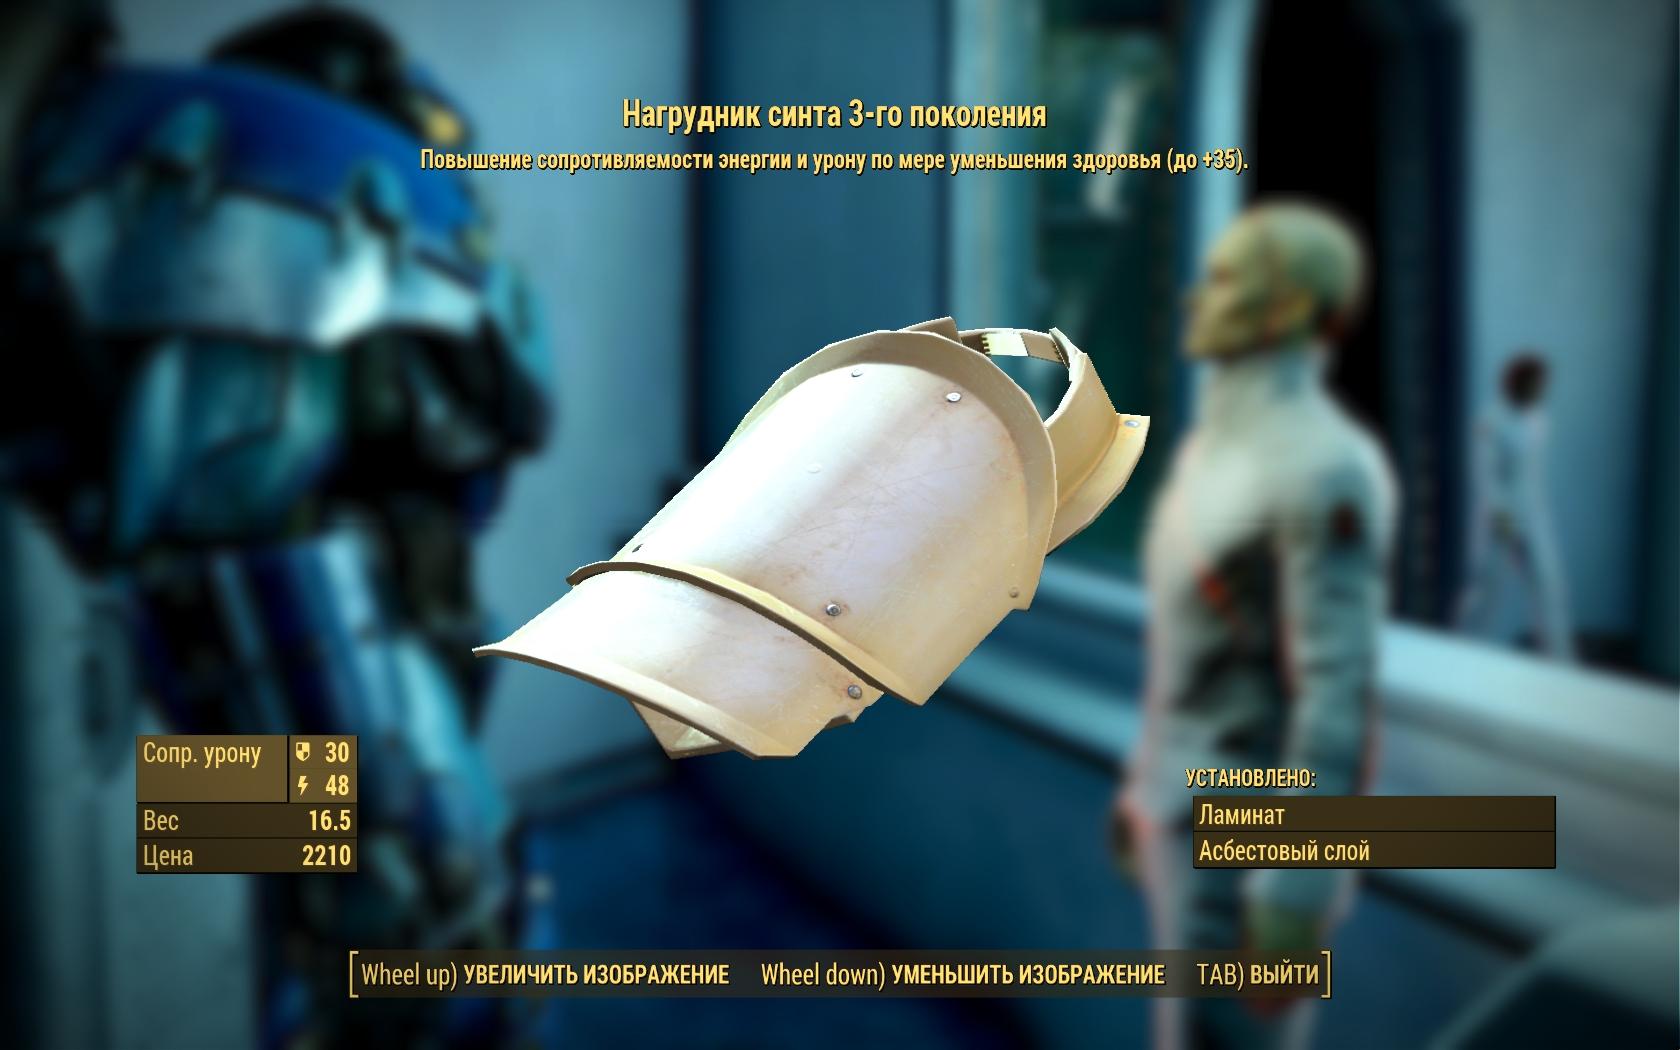 Нагрудник синта 3-го поколения (Институт, можно купить у синта-торговца) - Fallout 4 броня, Одежда, торговец